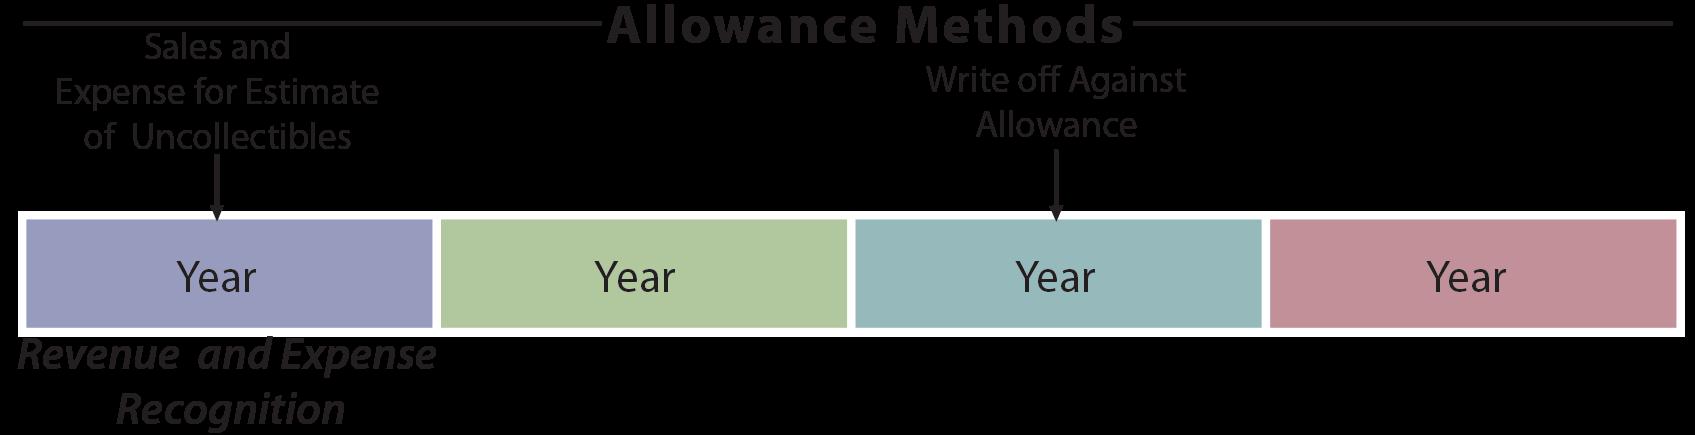 Allowance Method illustration